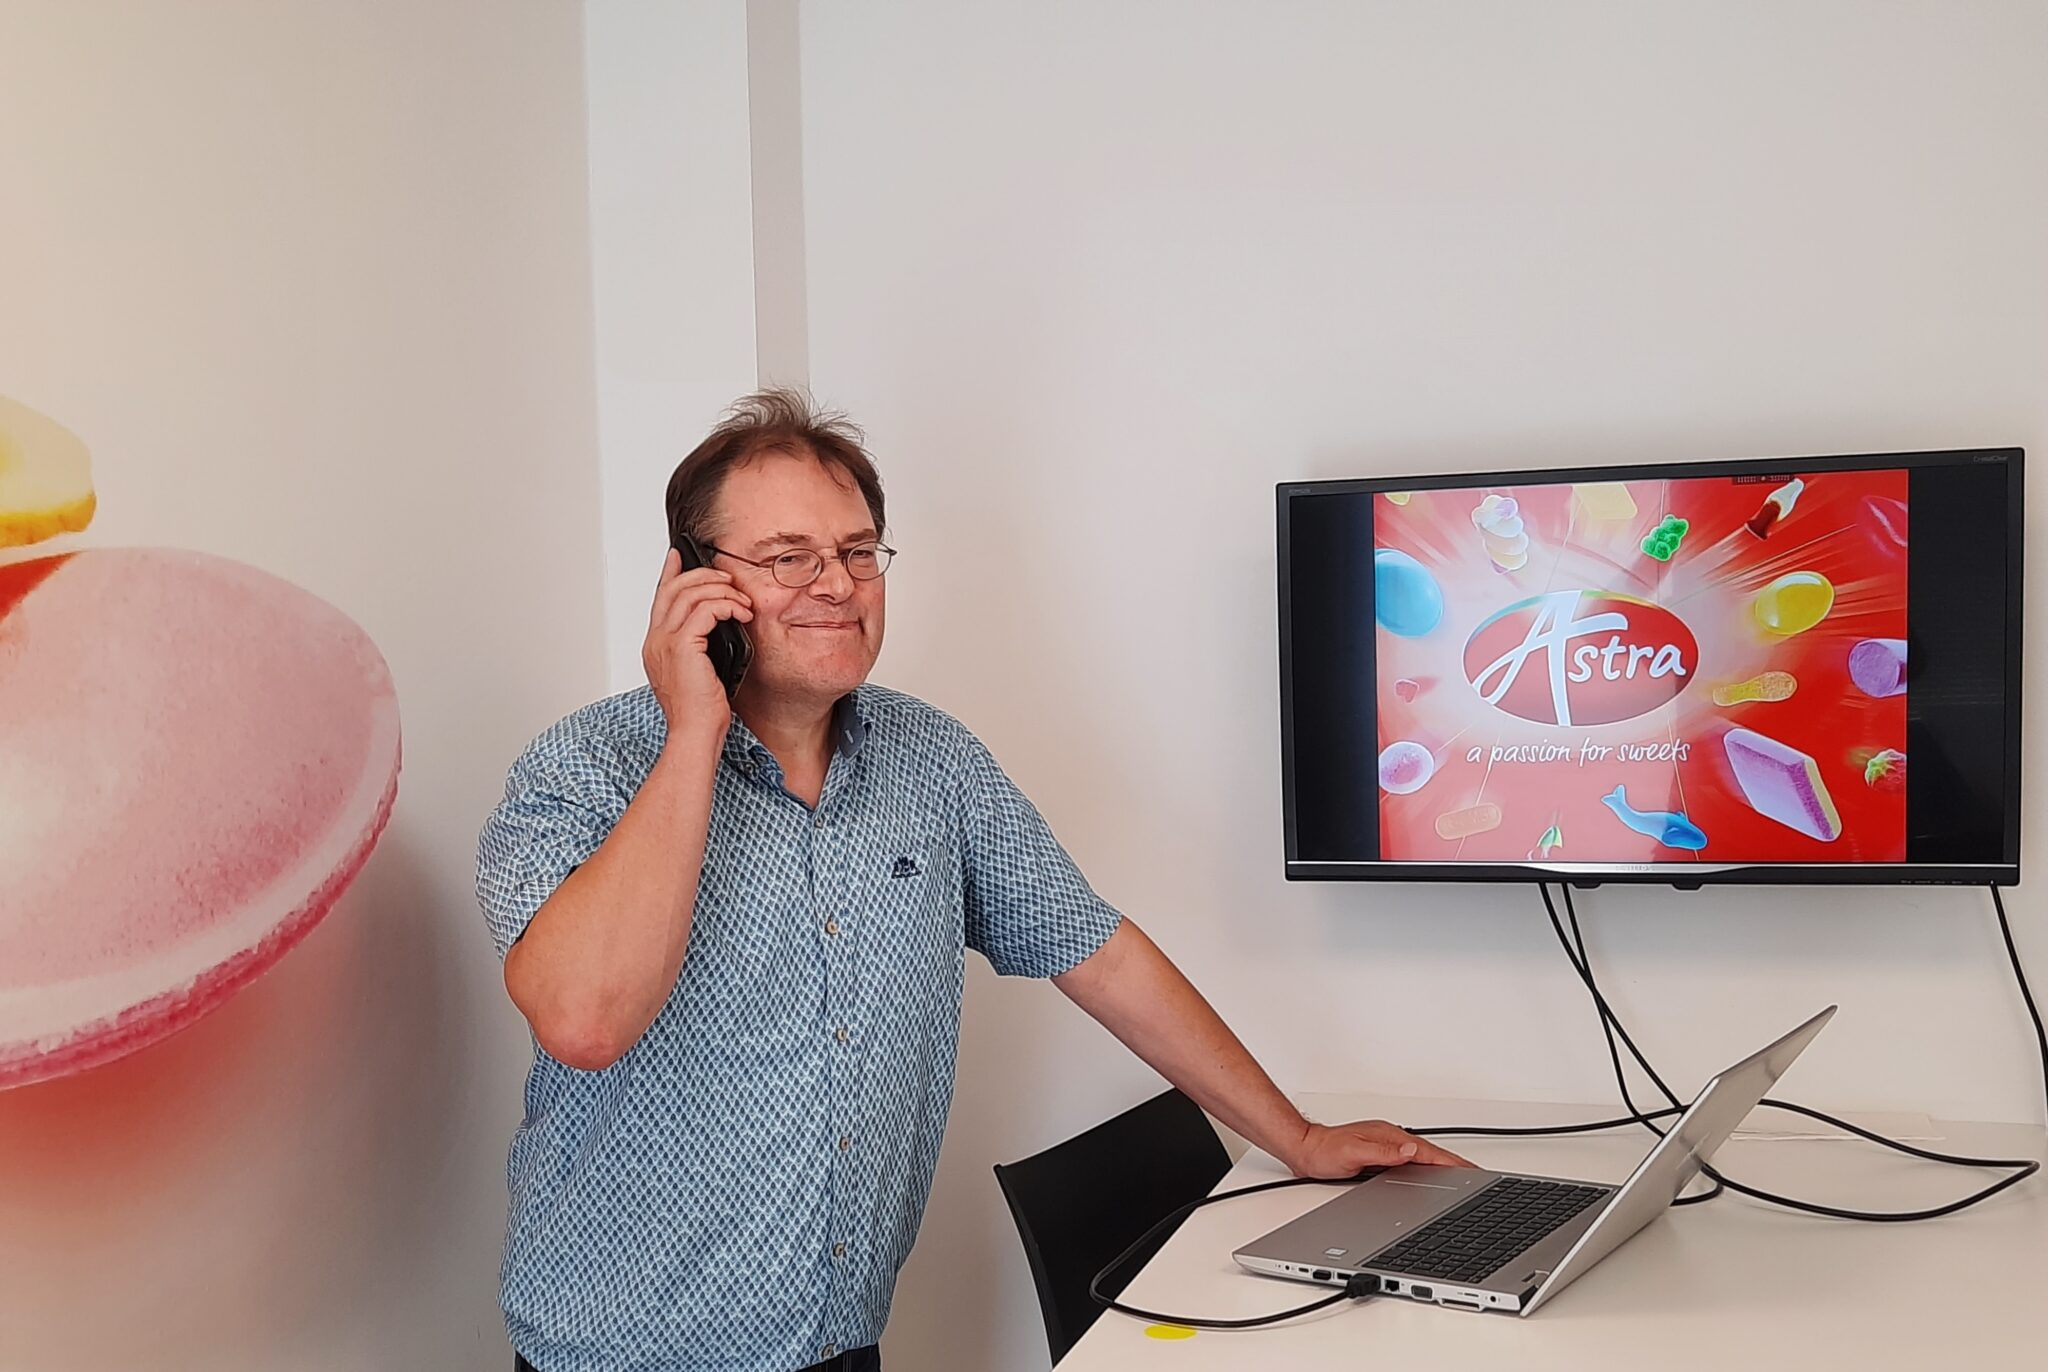 Stefan Verbeken Astra Sweets